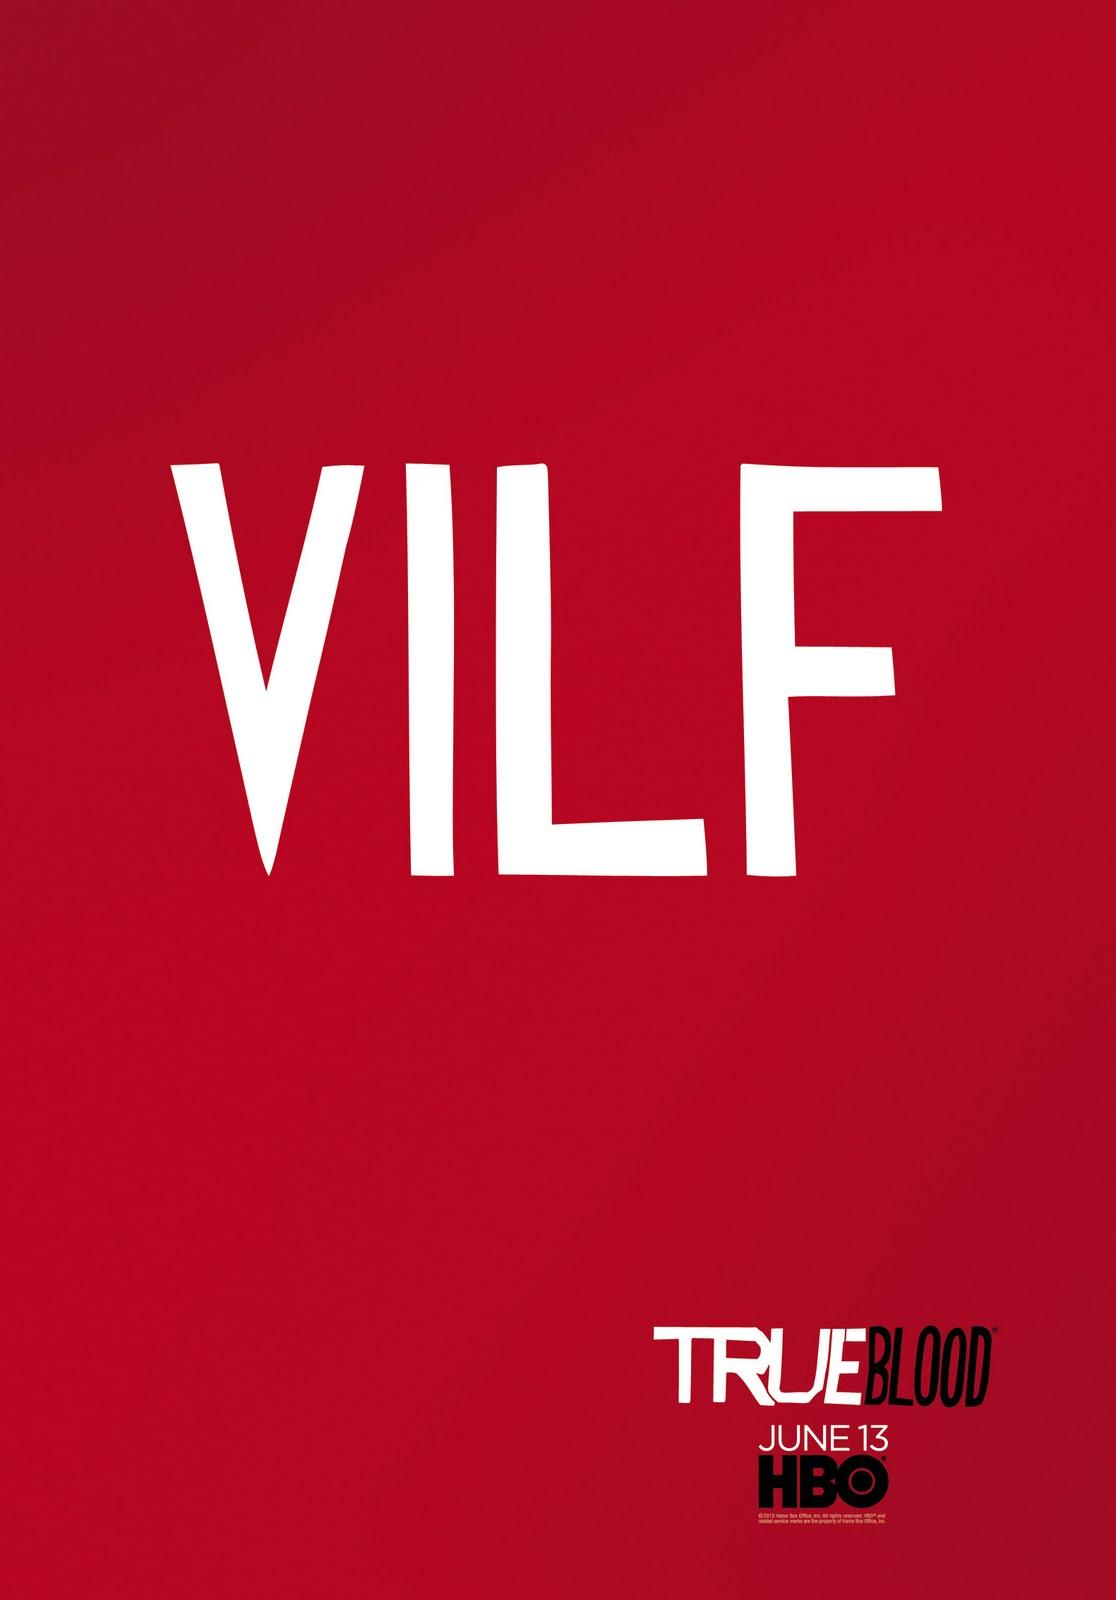 http://2.bp.blogspot.com/_Ah59TcsV2W4/S_3k82MPCLI/AAAAAAAABLk/vKGwQXqOiNs/s1600/season-3-poster-vilf.jpg